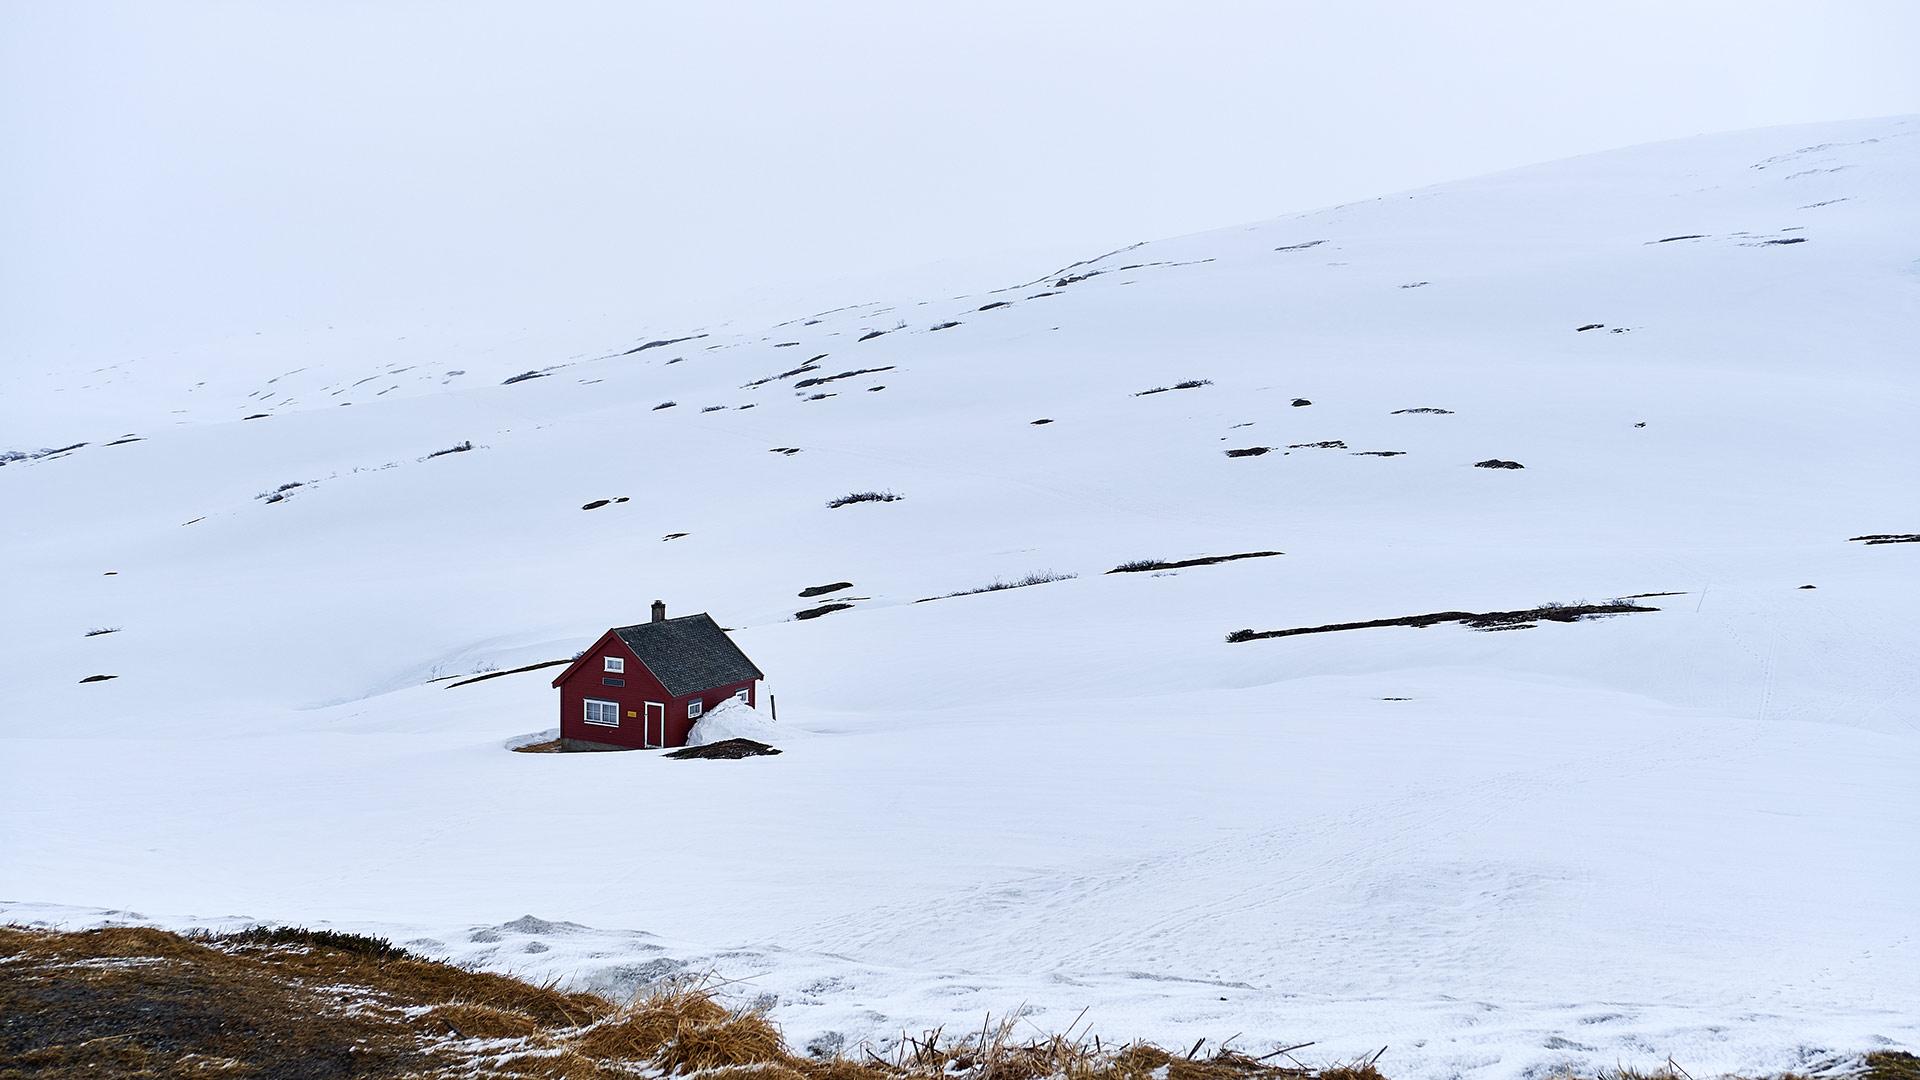 PDJPhoto, Peter de Jong, sluisweg 59, 2225 xj, Katwijk, 2018, Norway, Roadtrip, defender110, mountains, snow, goodfun